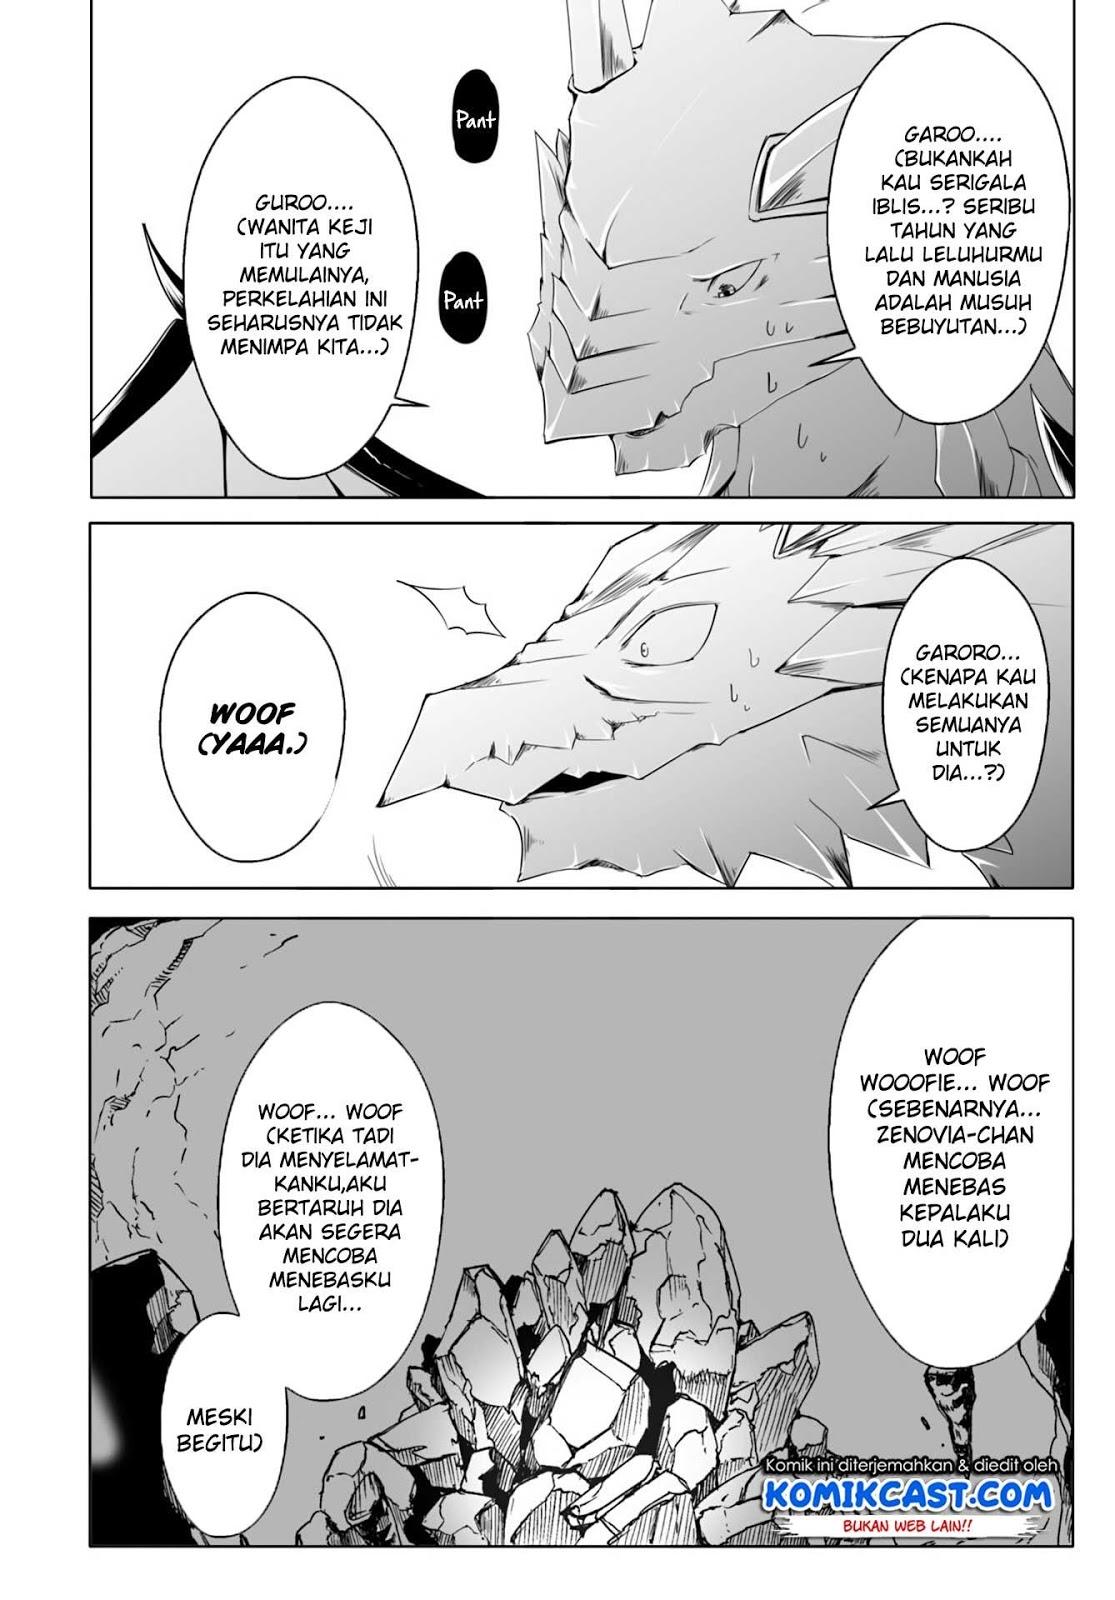 Wanwan Monogatari: Kanemochi no Inu ni Shite to wa Itta ga, Fenrir ni Shiro to wa Itte Nee!: Chapter 12.2 - Page 11